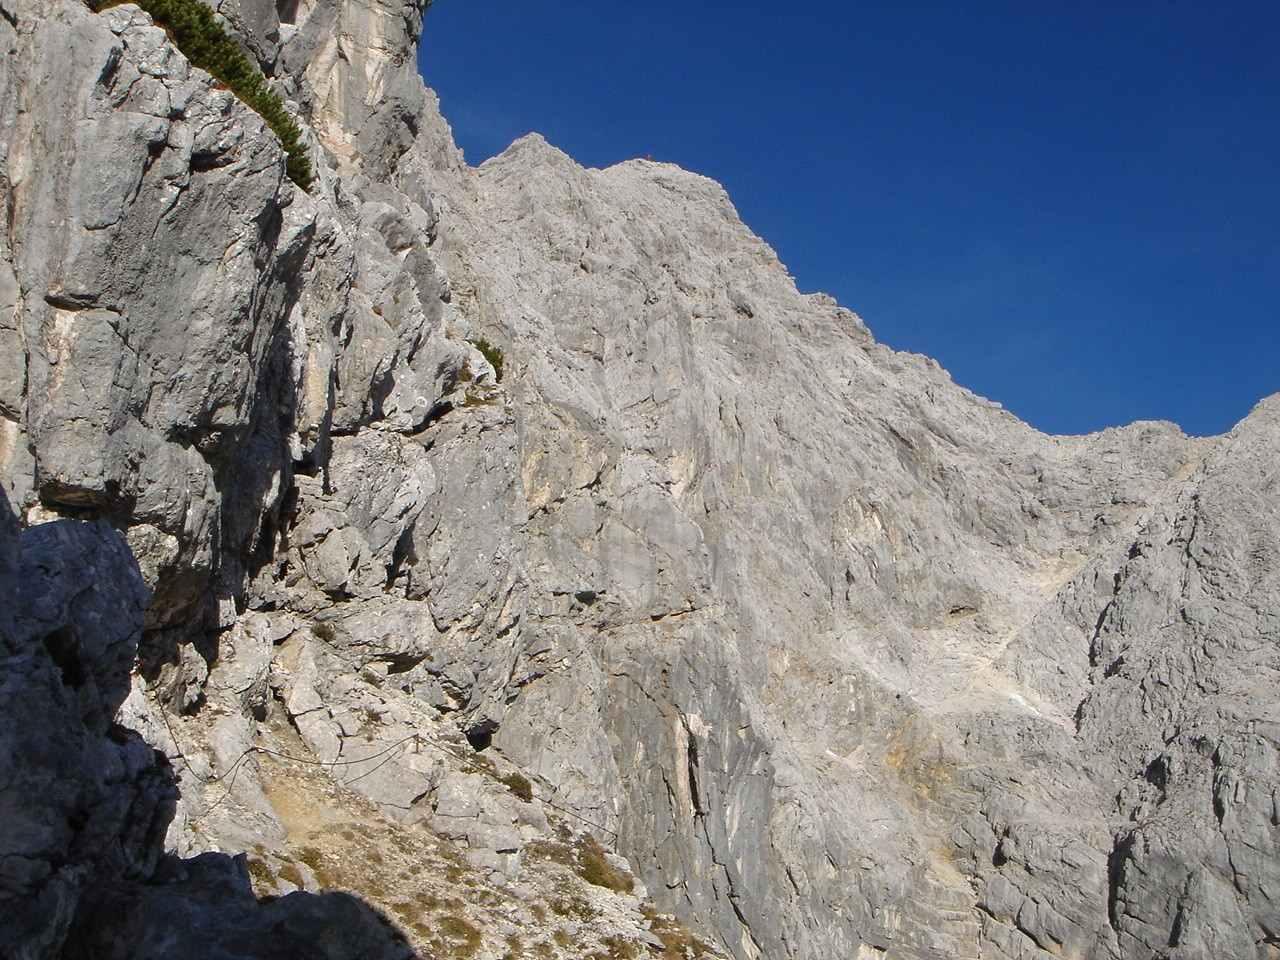 Foto: Manfred Karl / Wander Tour / Über das Prielschutzhaus und den Bert-Rinesch-Klettersteig auf den Gr.Priel / Am Beginn der langen Querung / 15.06.2007 23:32:54